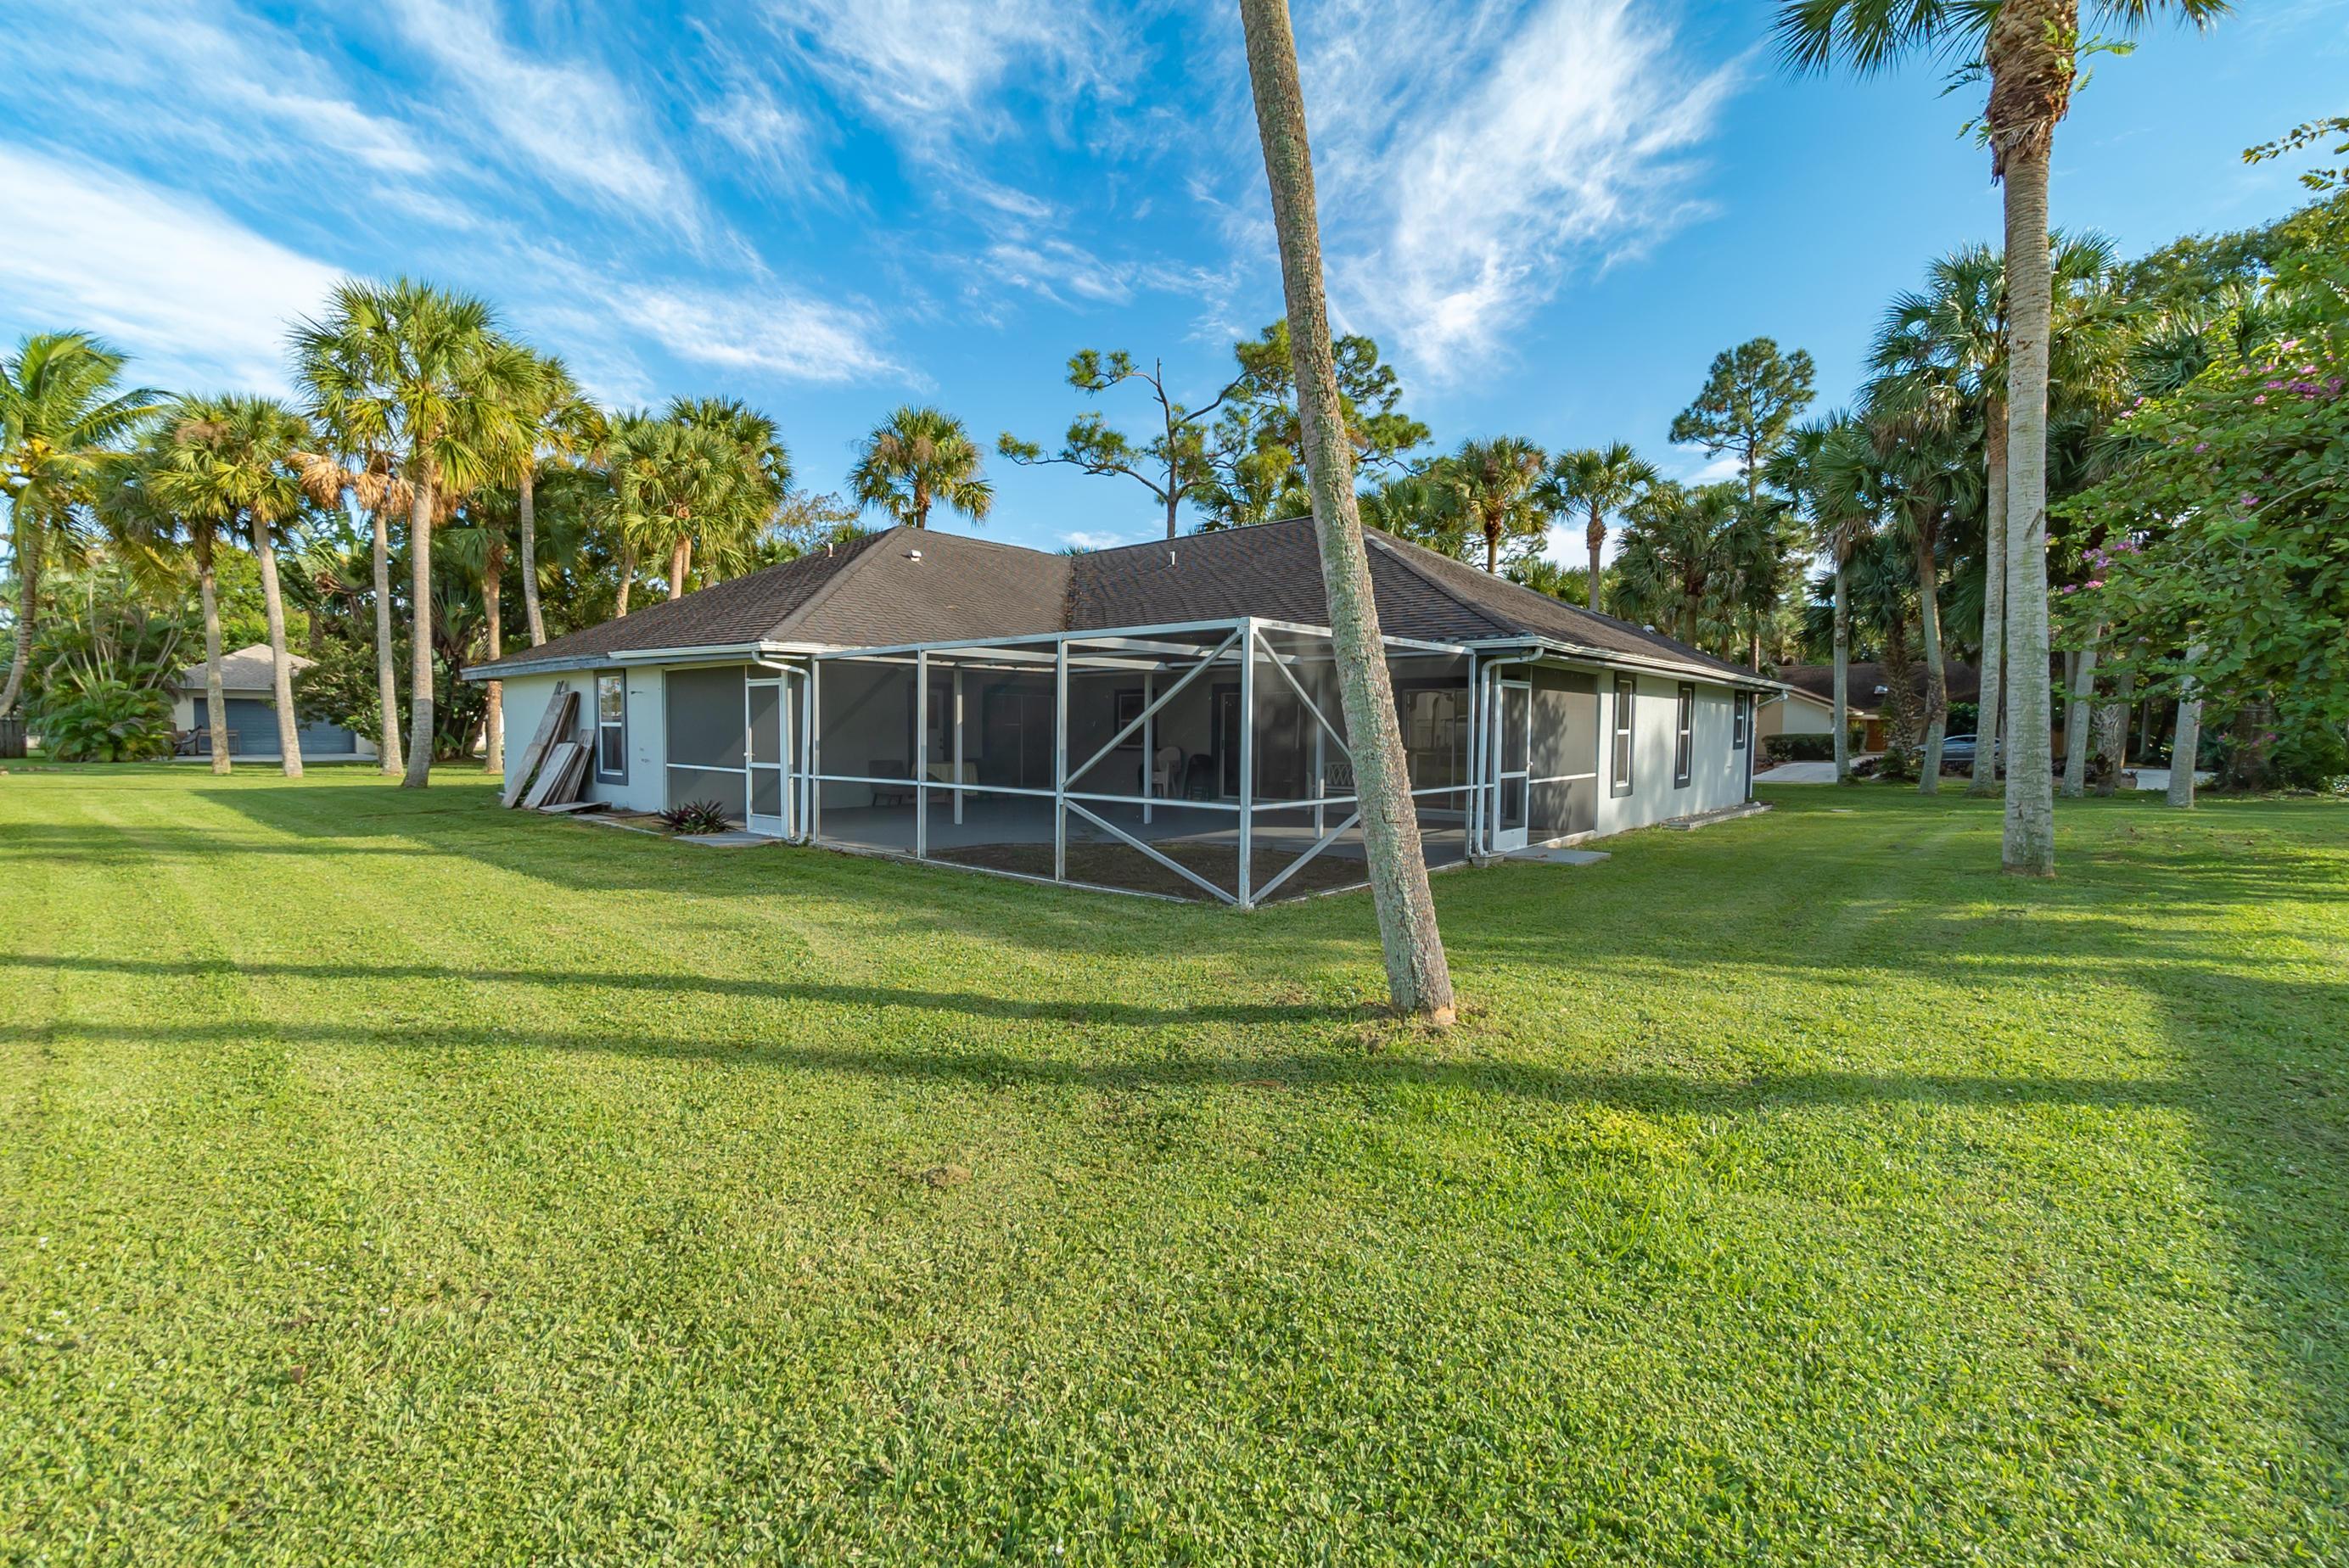 Photo of 7170 High Sierra Circle, West Palm Beach, FL 33411